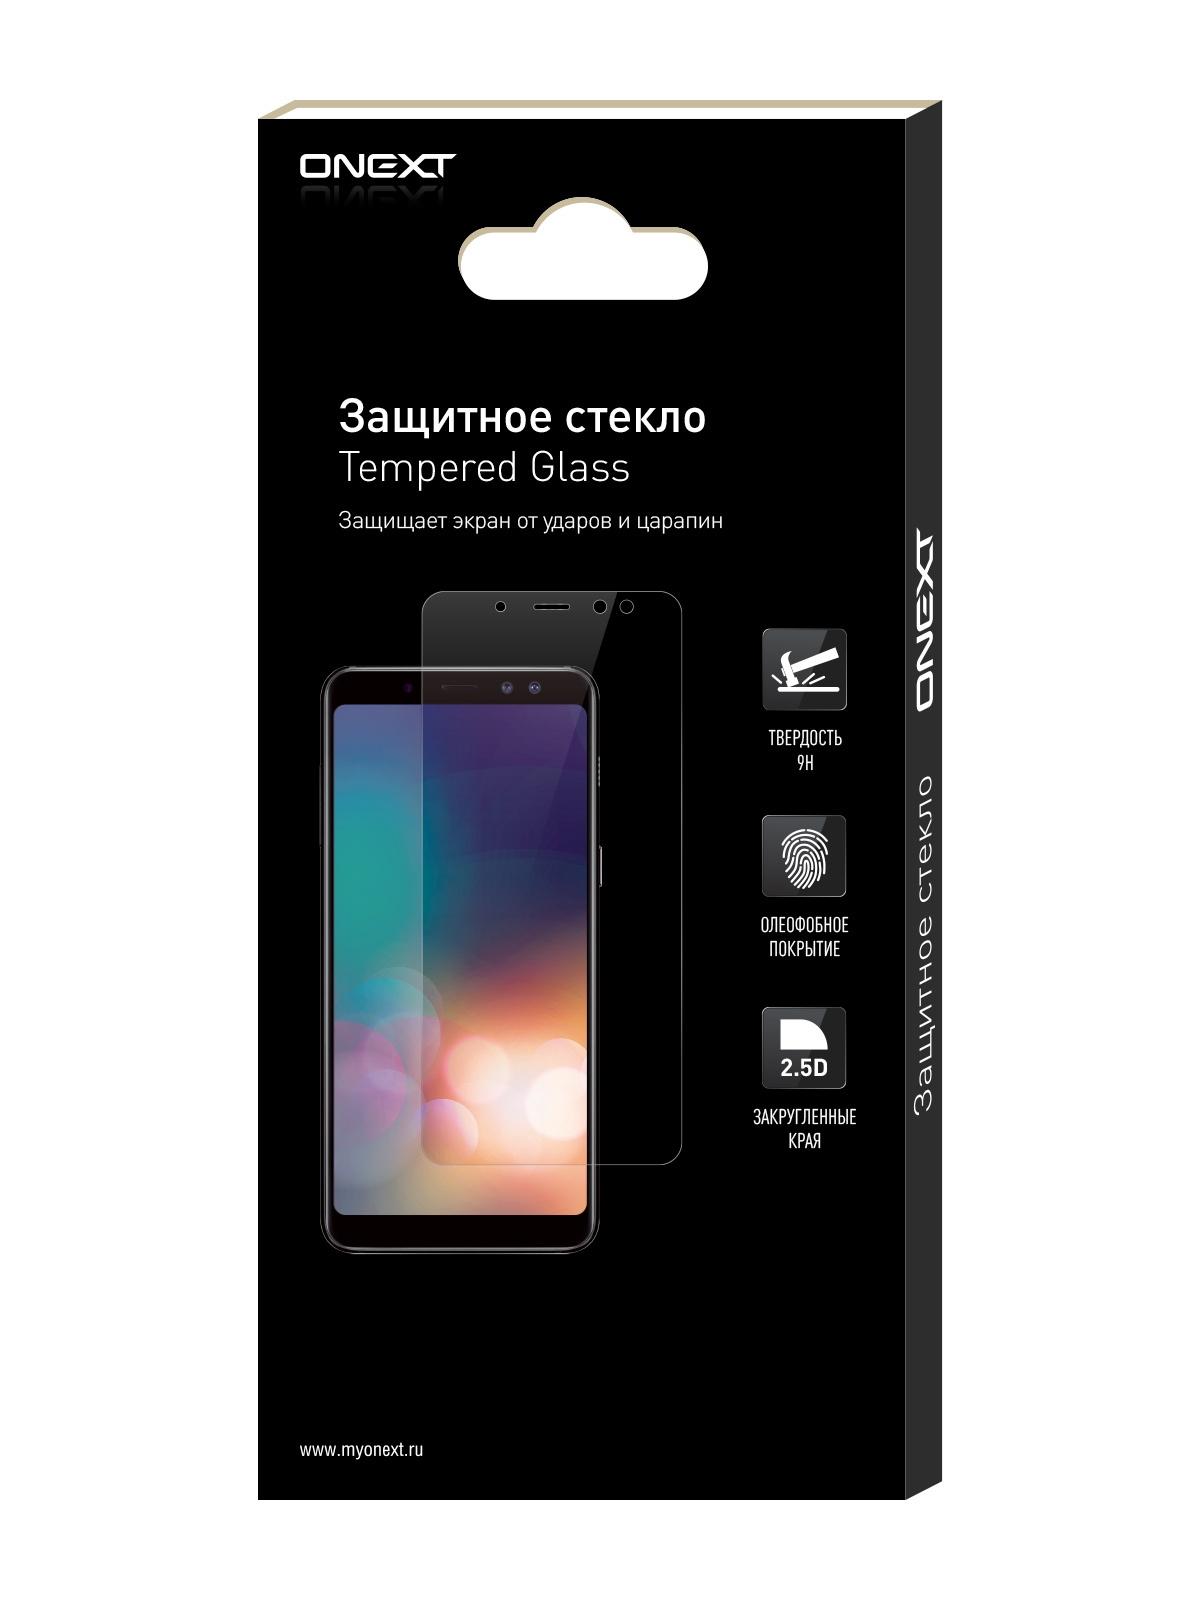 Защитное стекло ONEXT HTC U Play защитное стекло onext htc u play